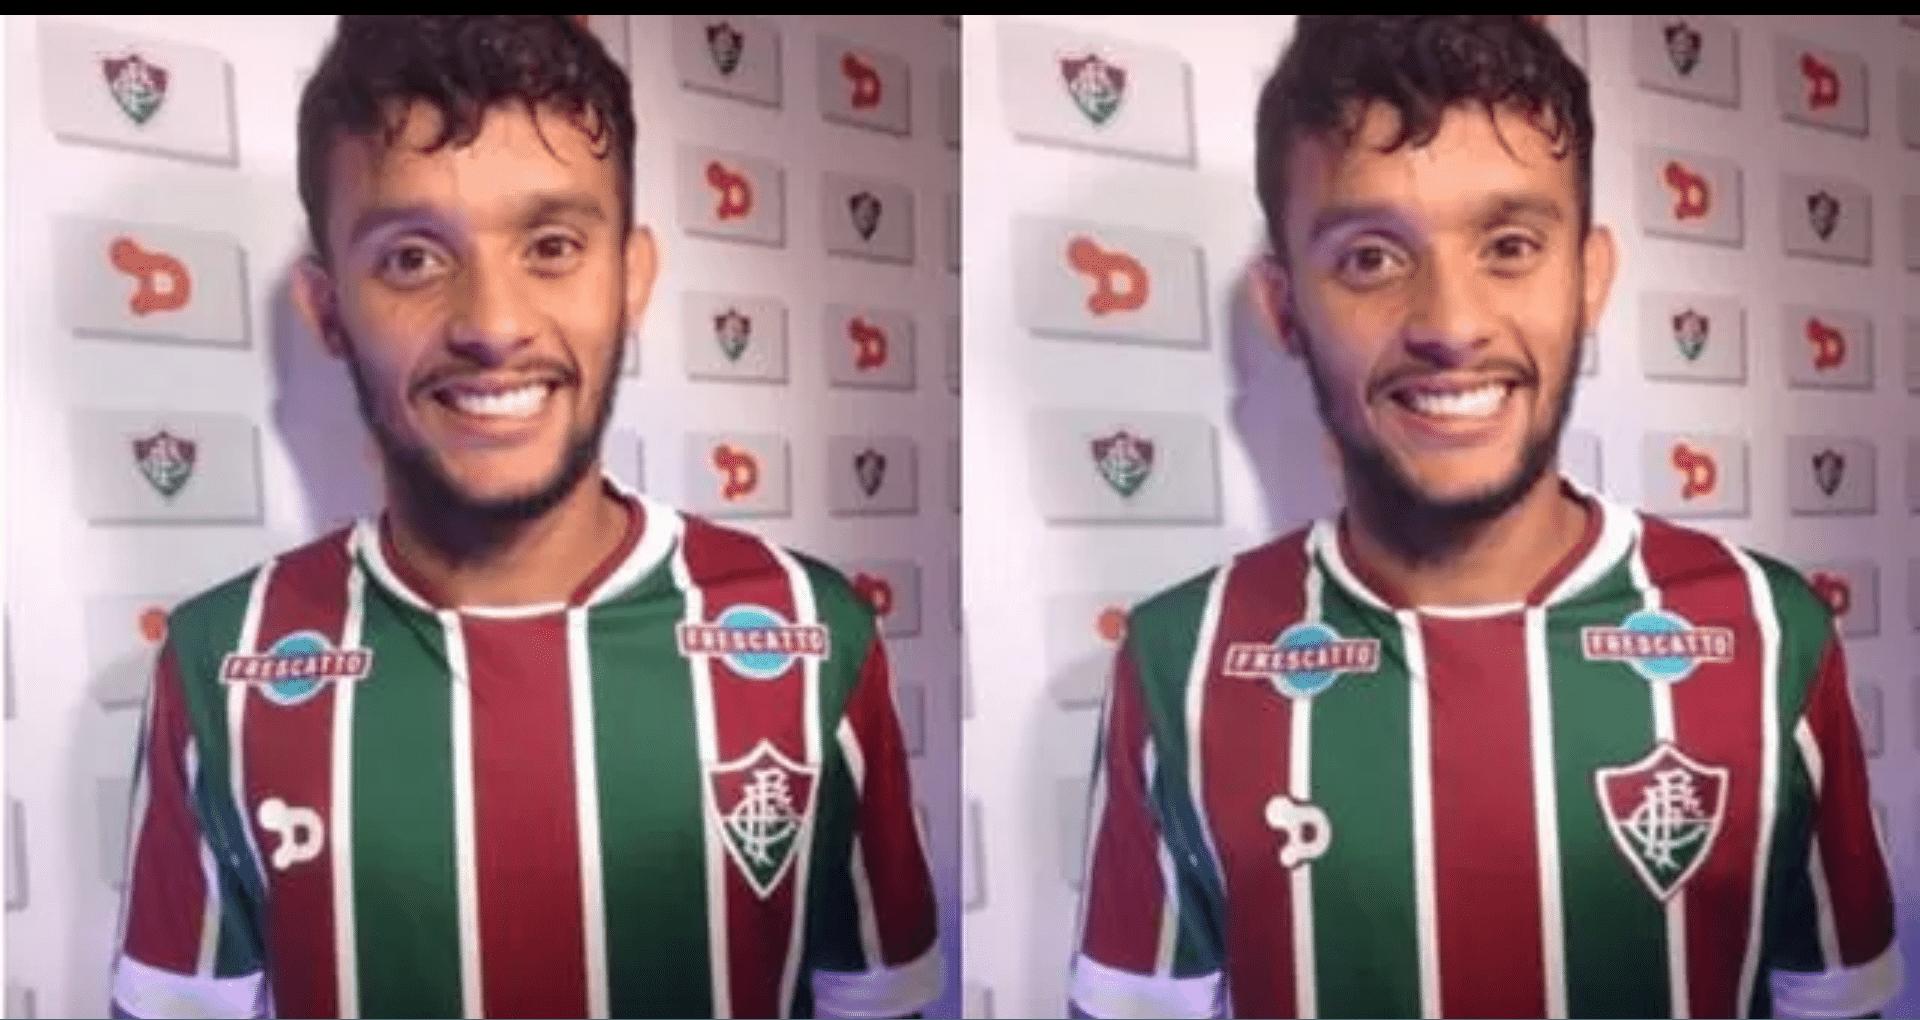 a0e754a188 Fornecedora comete erro e terá que  editar  novo uniforme do Fluminense -  08 03 2016 - UOL Esporte